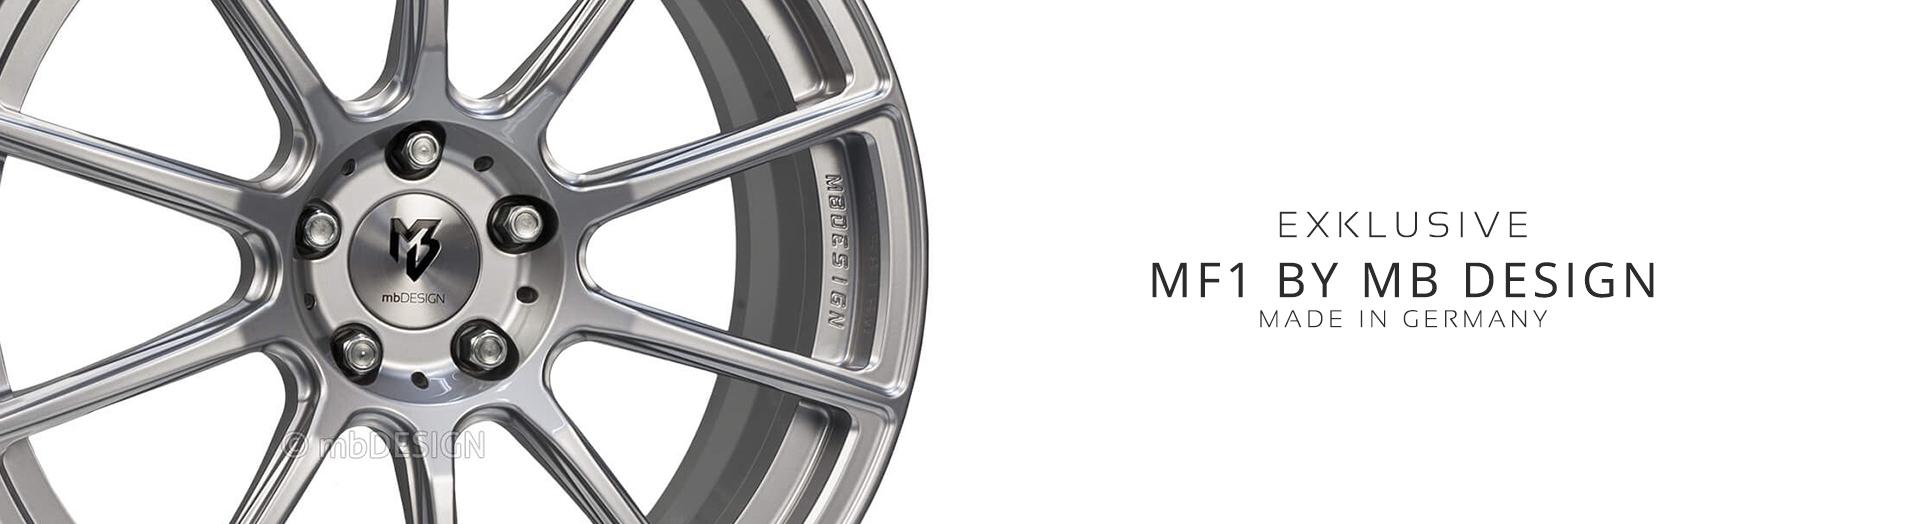 MF1 (Magnesium Felgen) kaufen bei MB Design Felgen Online Shop